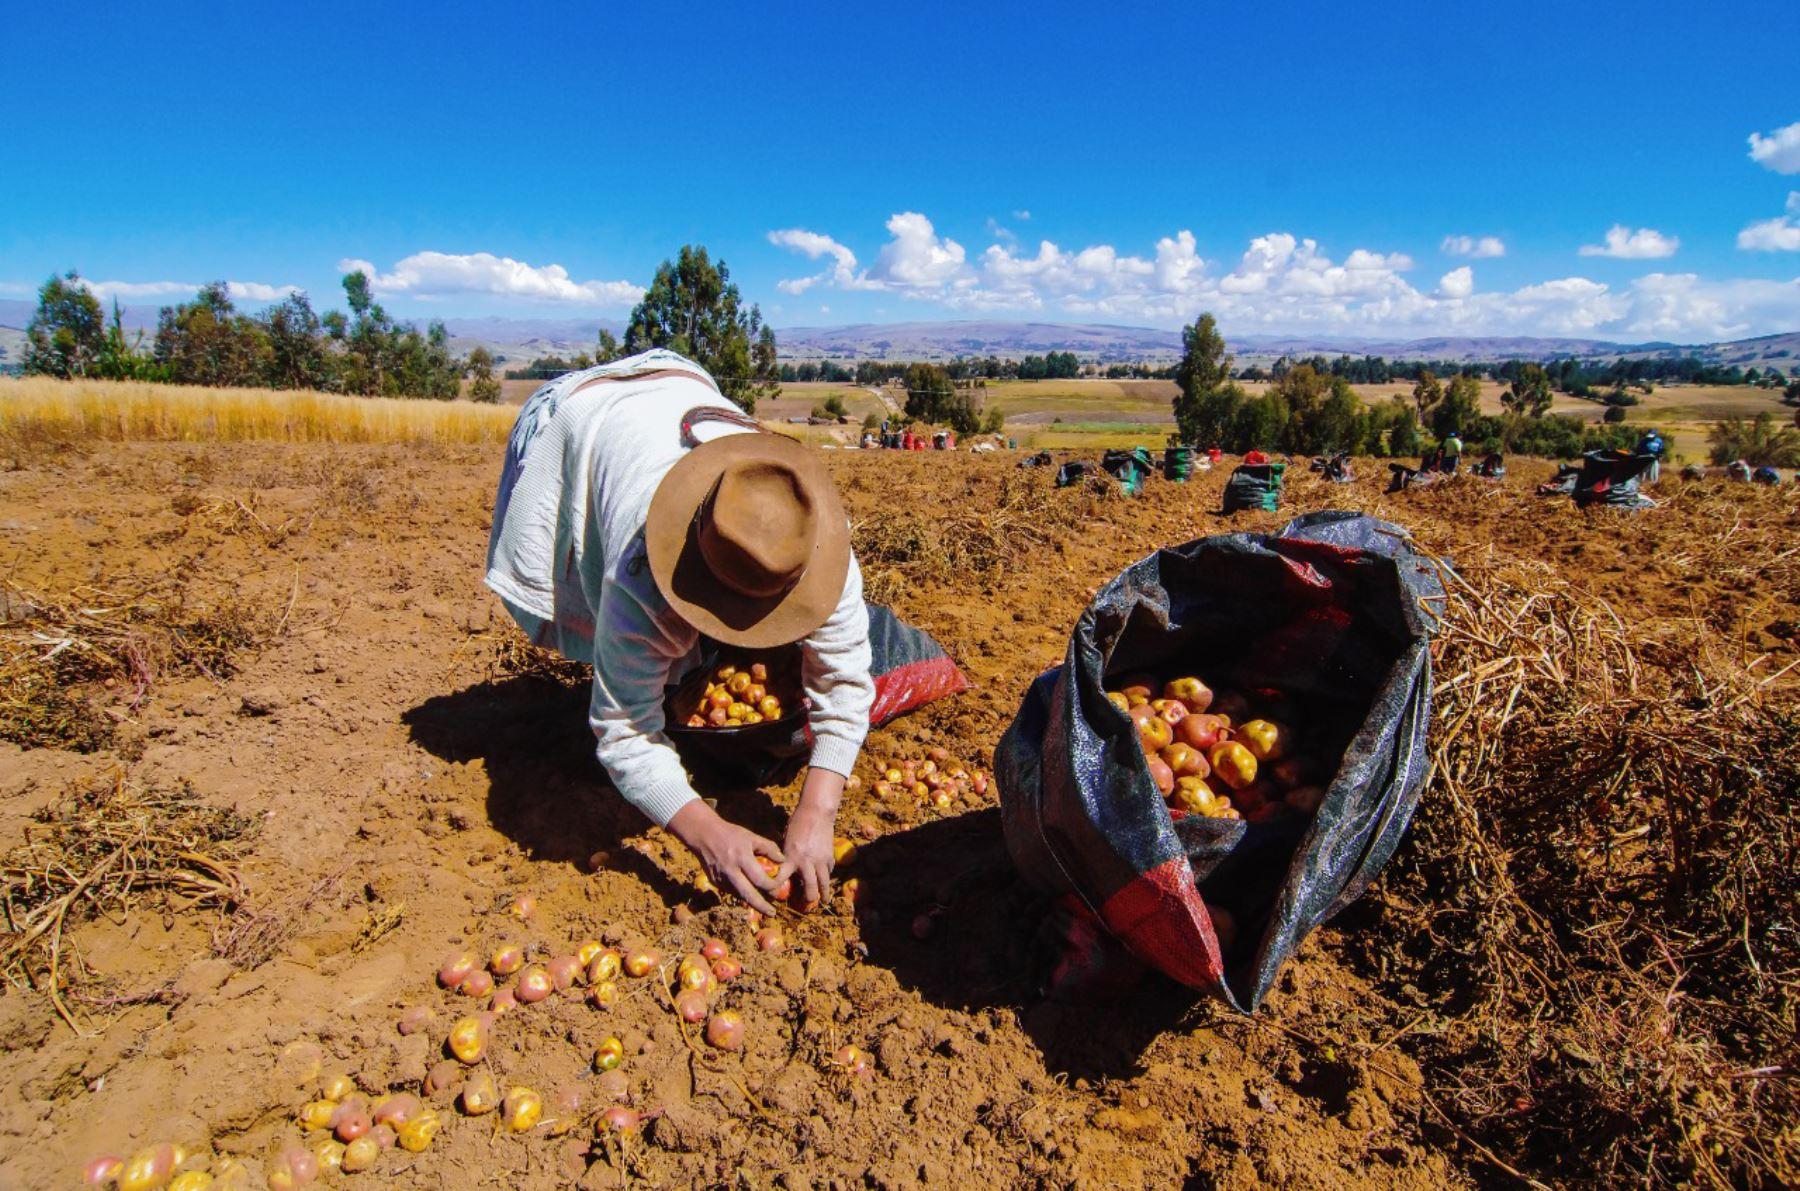 Investigación de la Universidad Católica San Pablo de Arequipa busca desarrollar una tecnología inteligente para dar mayor competitividad a la agricultura. ANDINA/Difusión